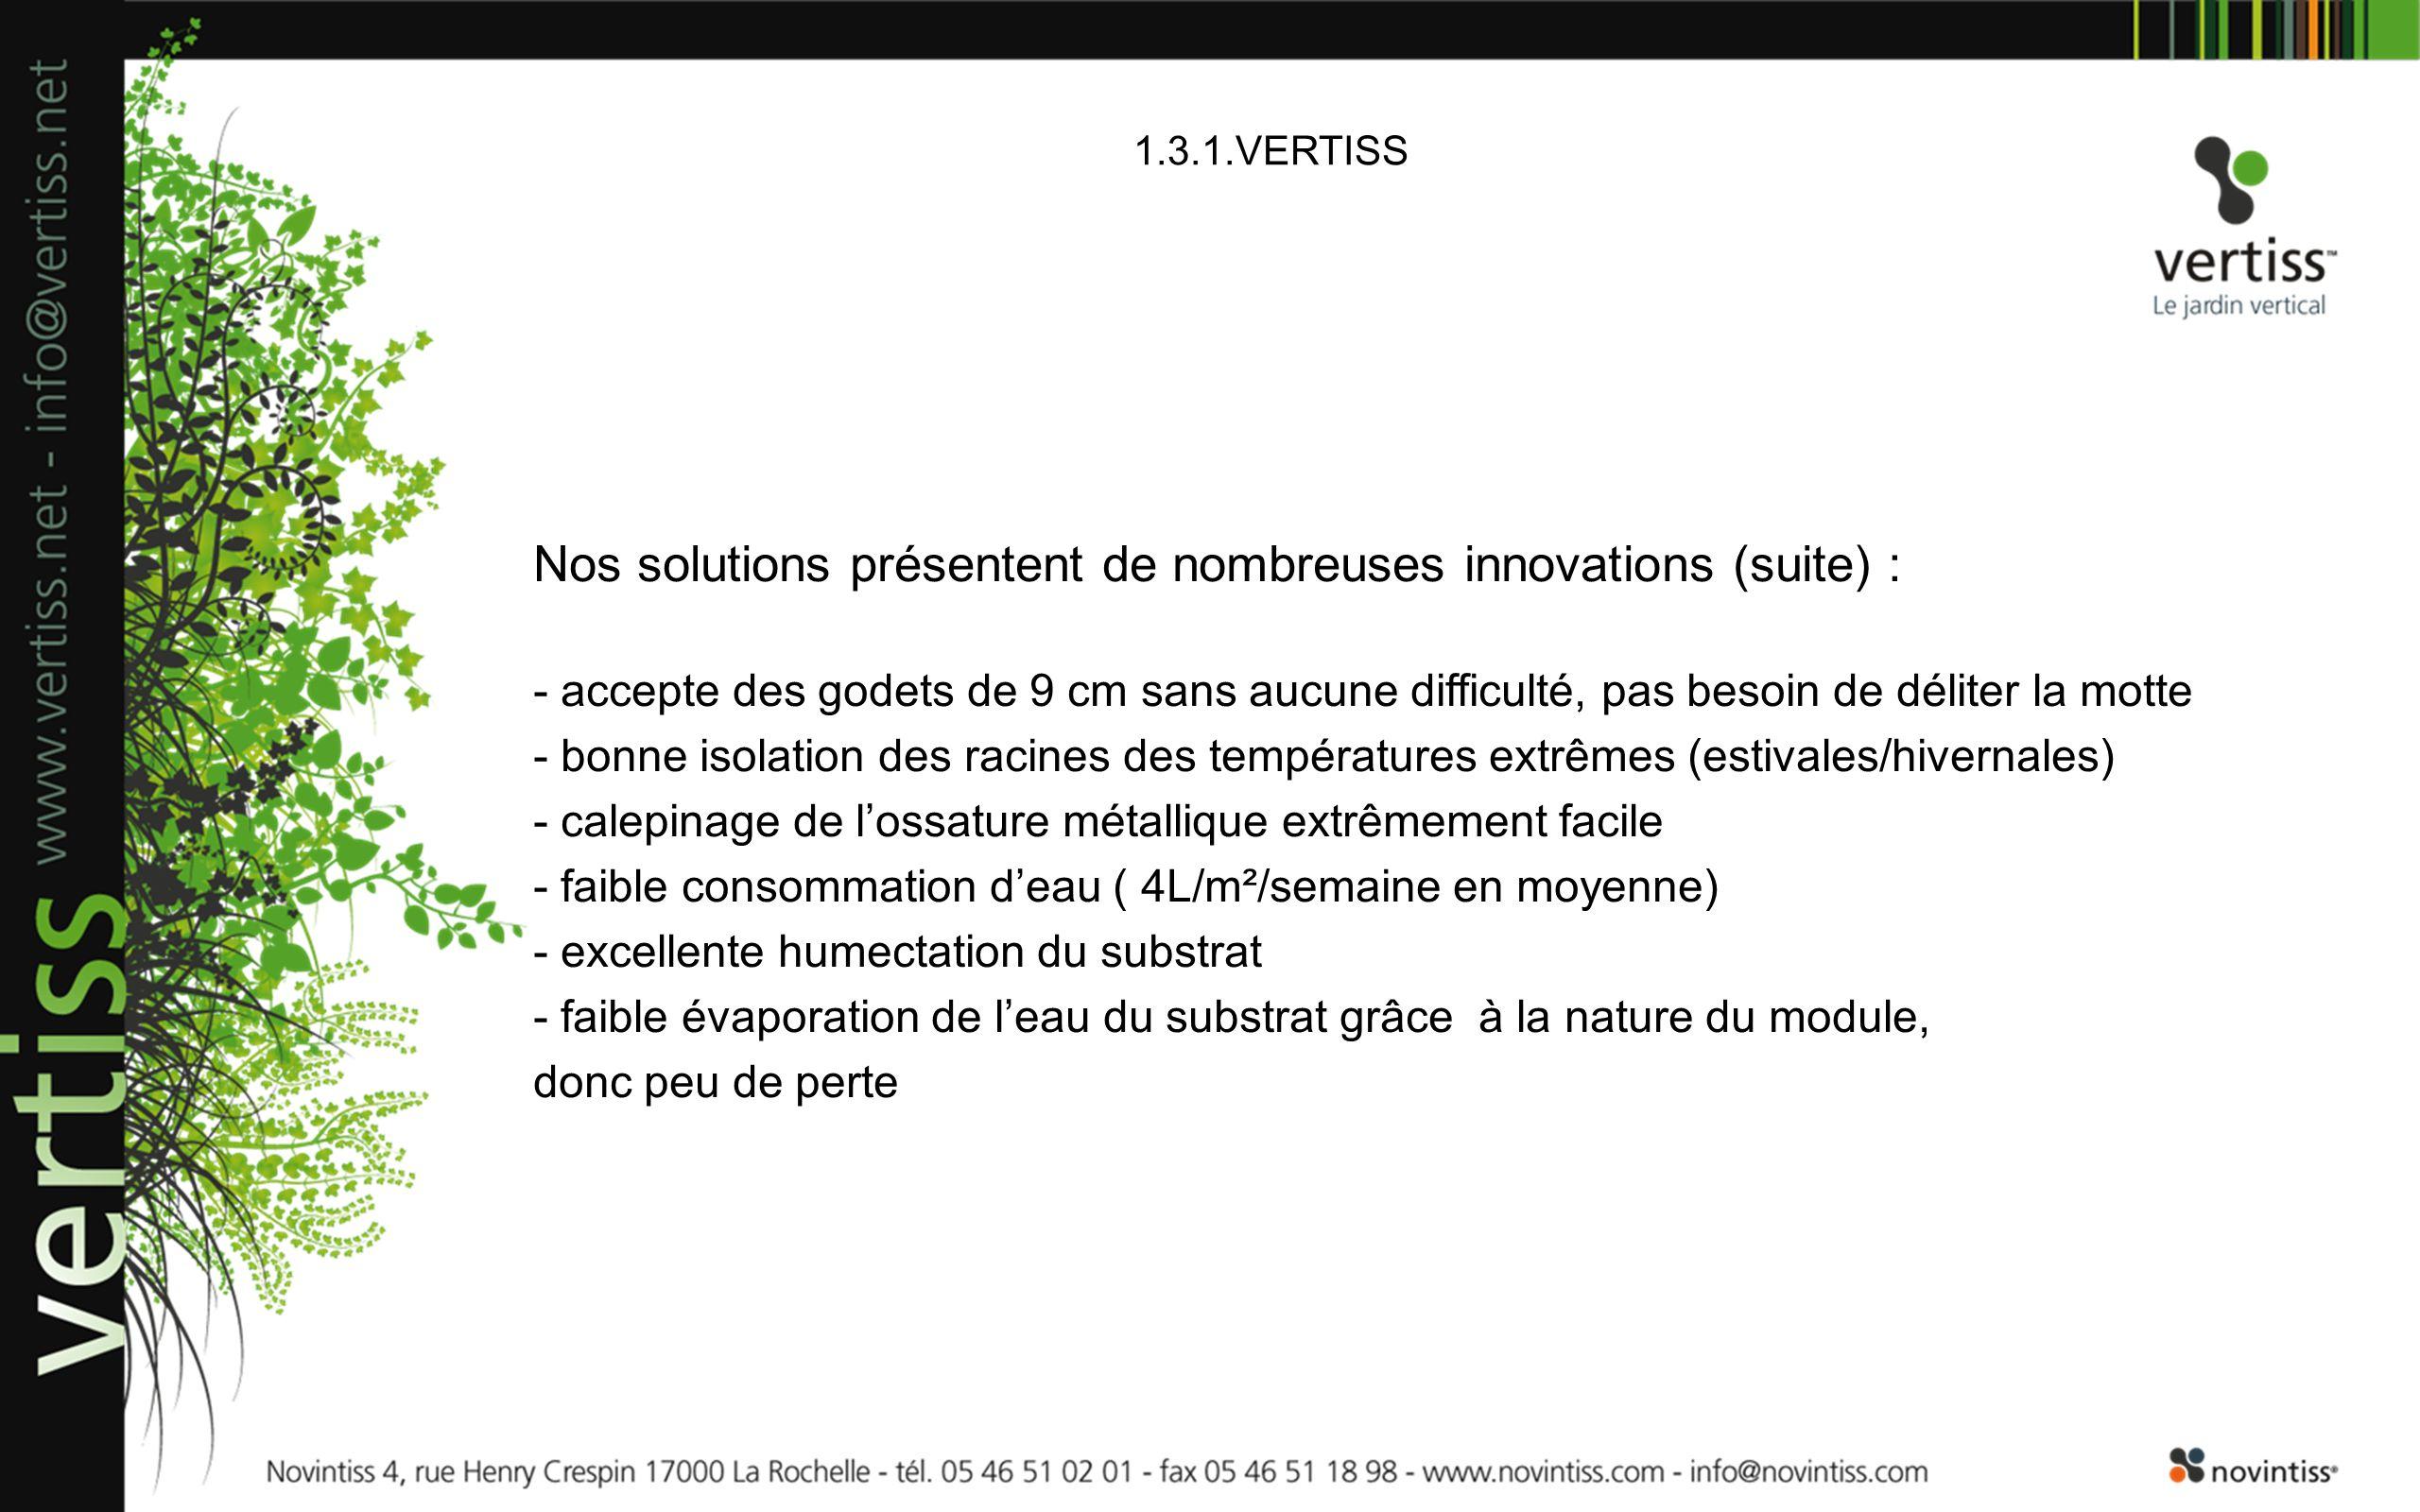 1.3.1.VERTISS Nos solutions présentent de nombreuses innovations (suite) : - accepte des godets de 9 cm sans aucune difficulté, pas besoin de déliter